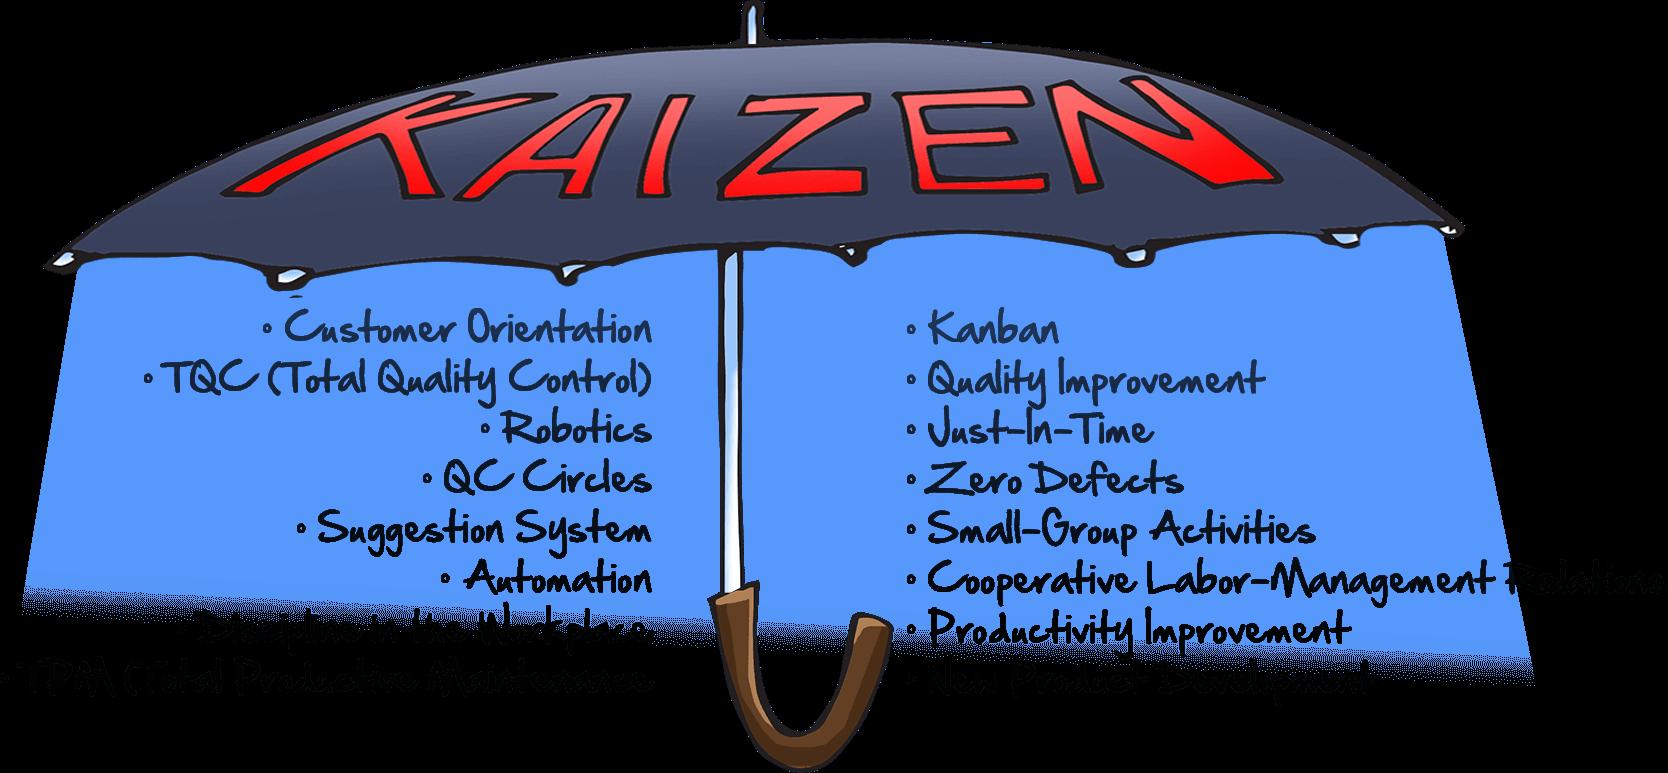 Kaizen concepts